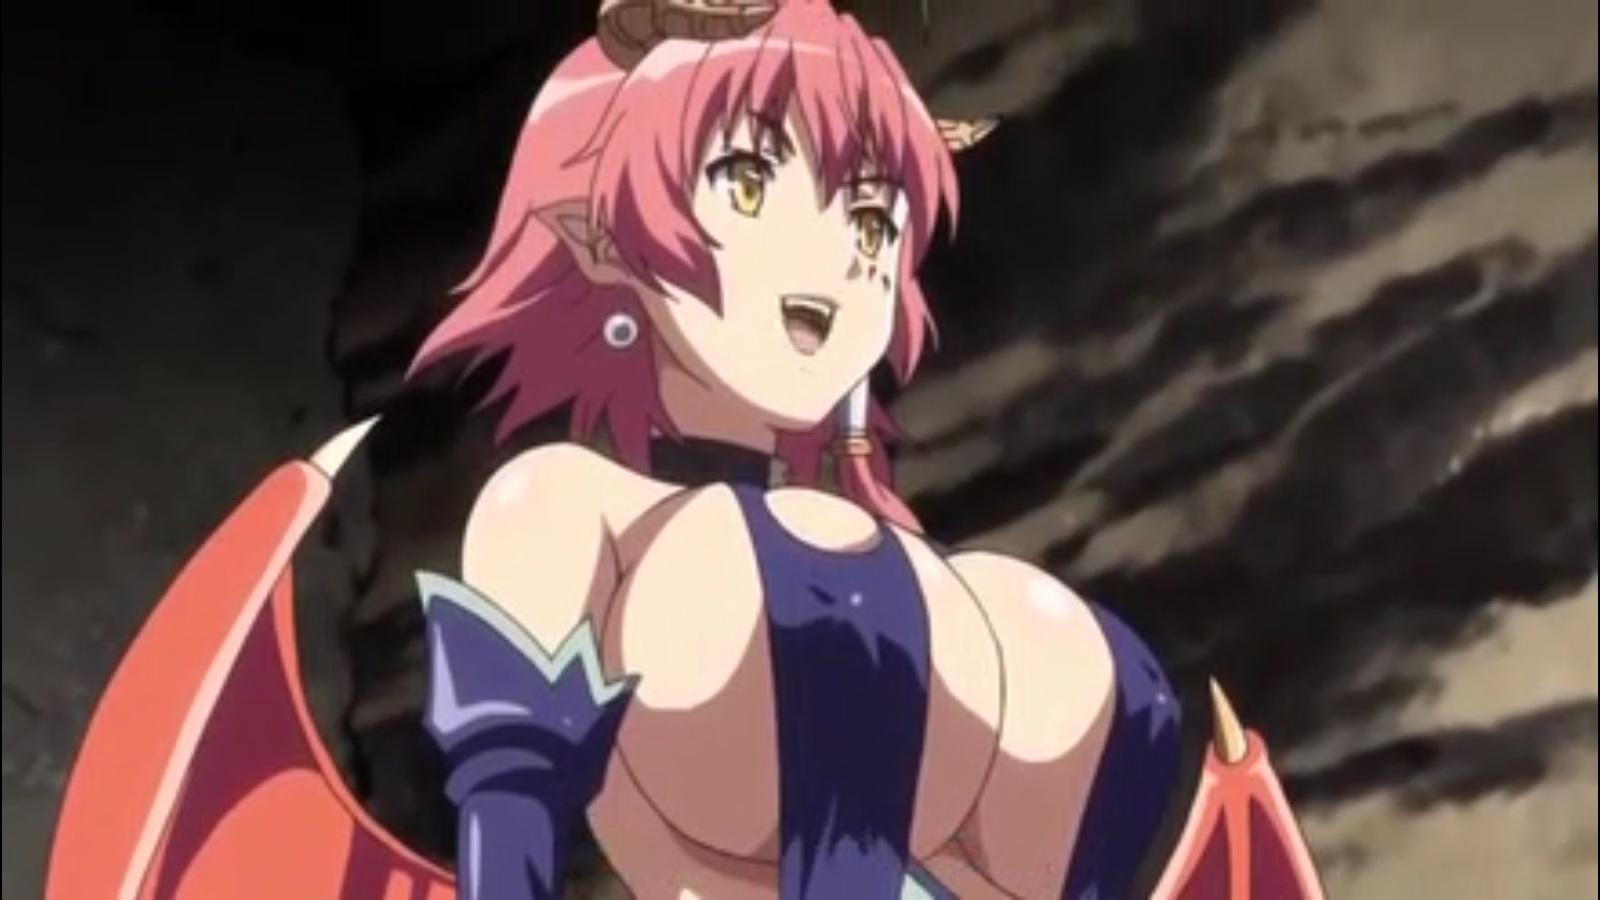 Anime Succubus Blowjob Porn hentai movie kyonyuu fantasy 1 | hentaimovie.tv